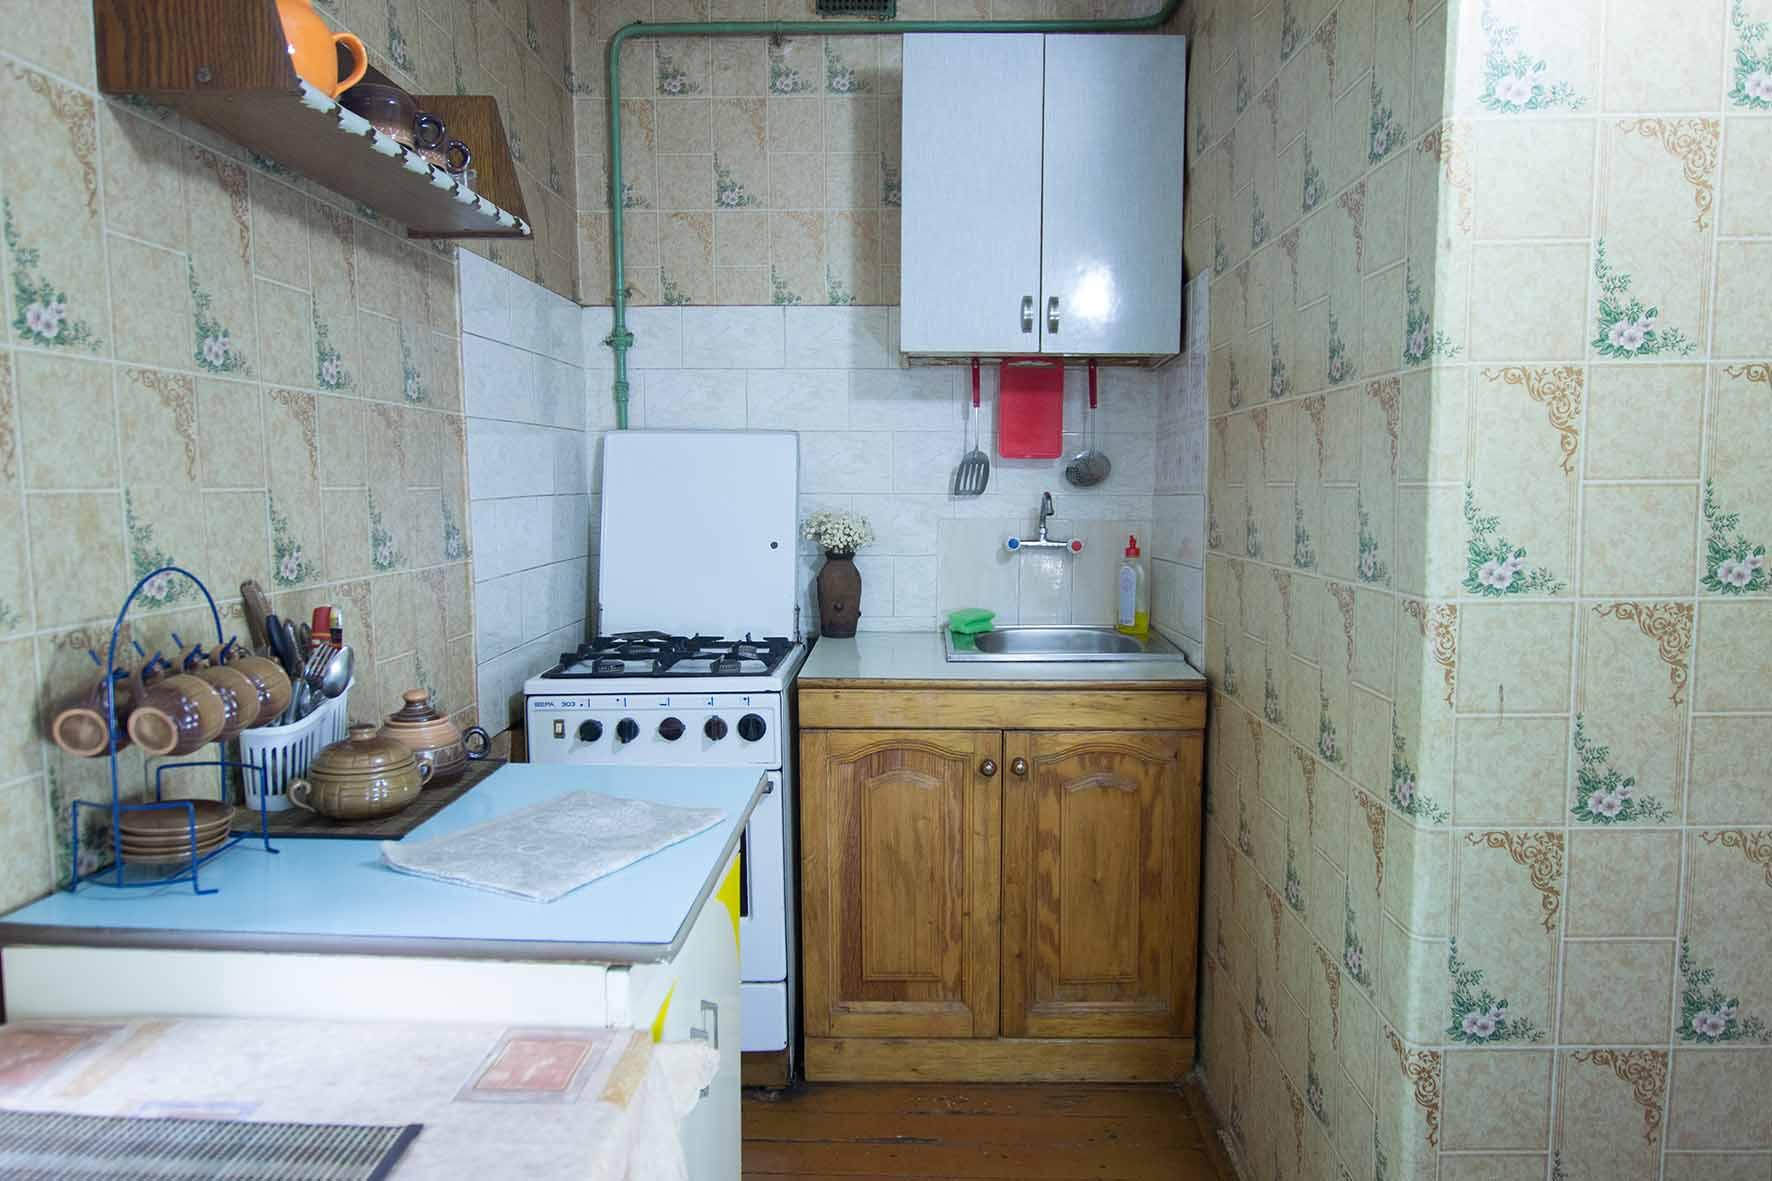 Аренда квартиры на сутки в центре Минска от 22,50 руб.